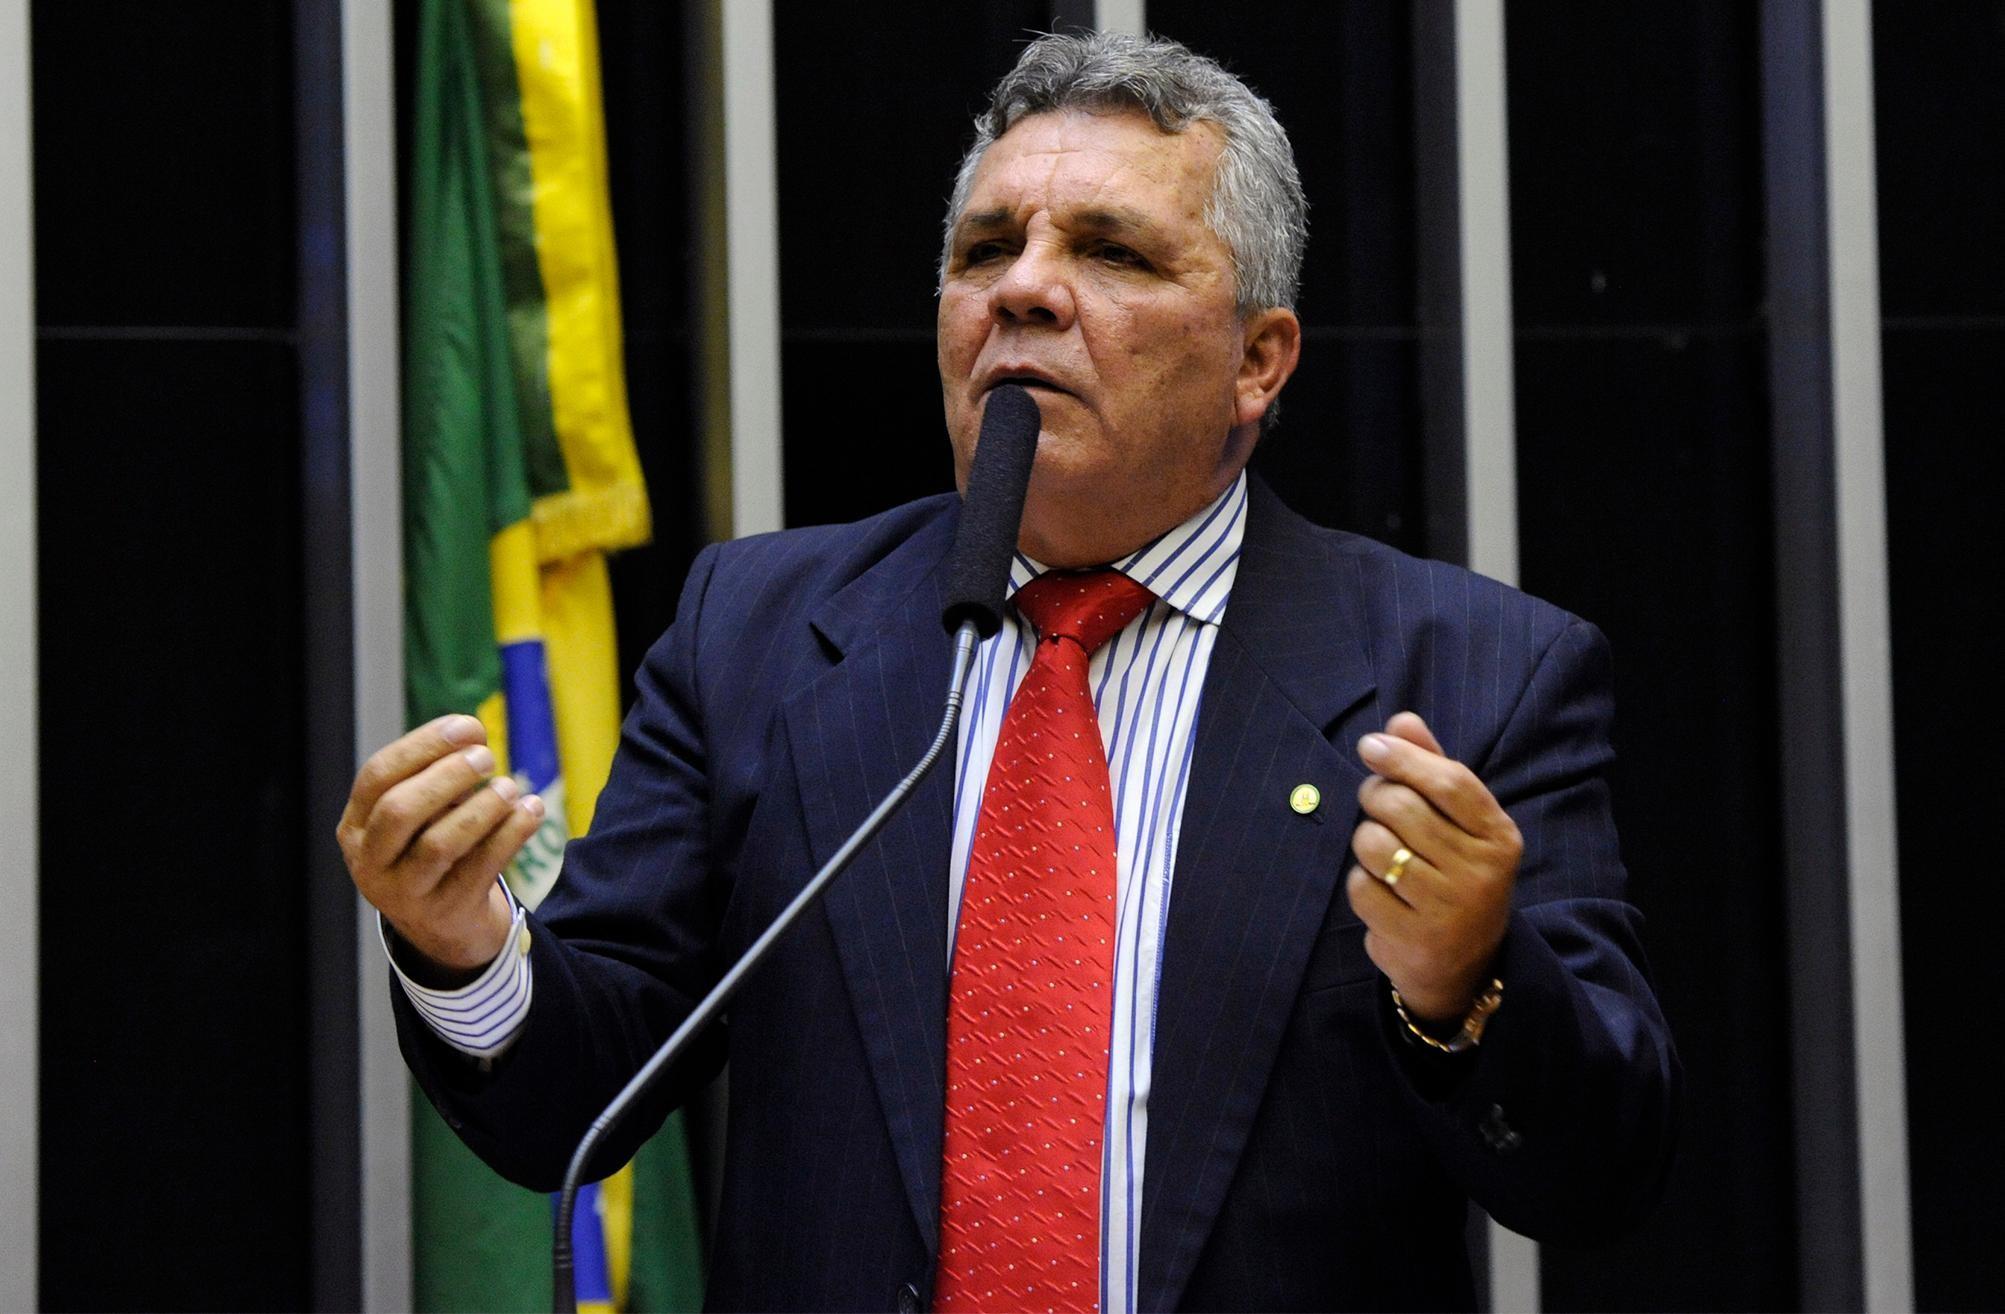 Conselho de Ética faz terceiro sorteio para definir lista da qual sairá relator do processo de Alberto Fraga